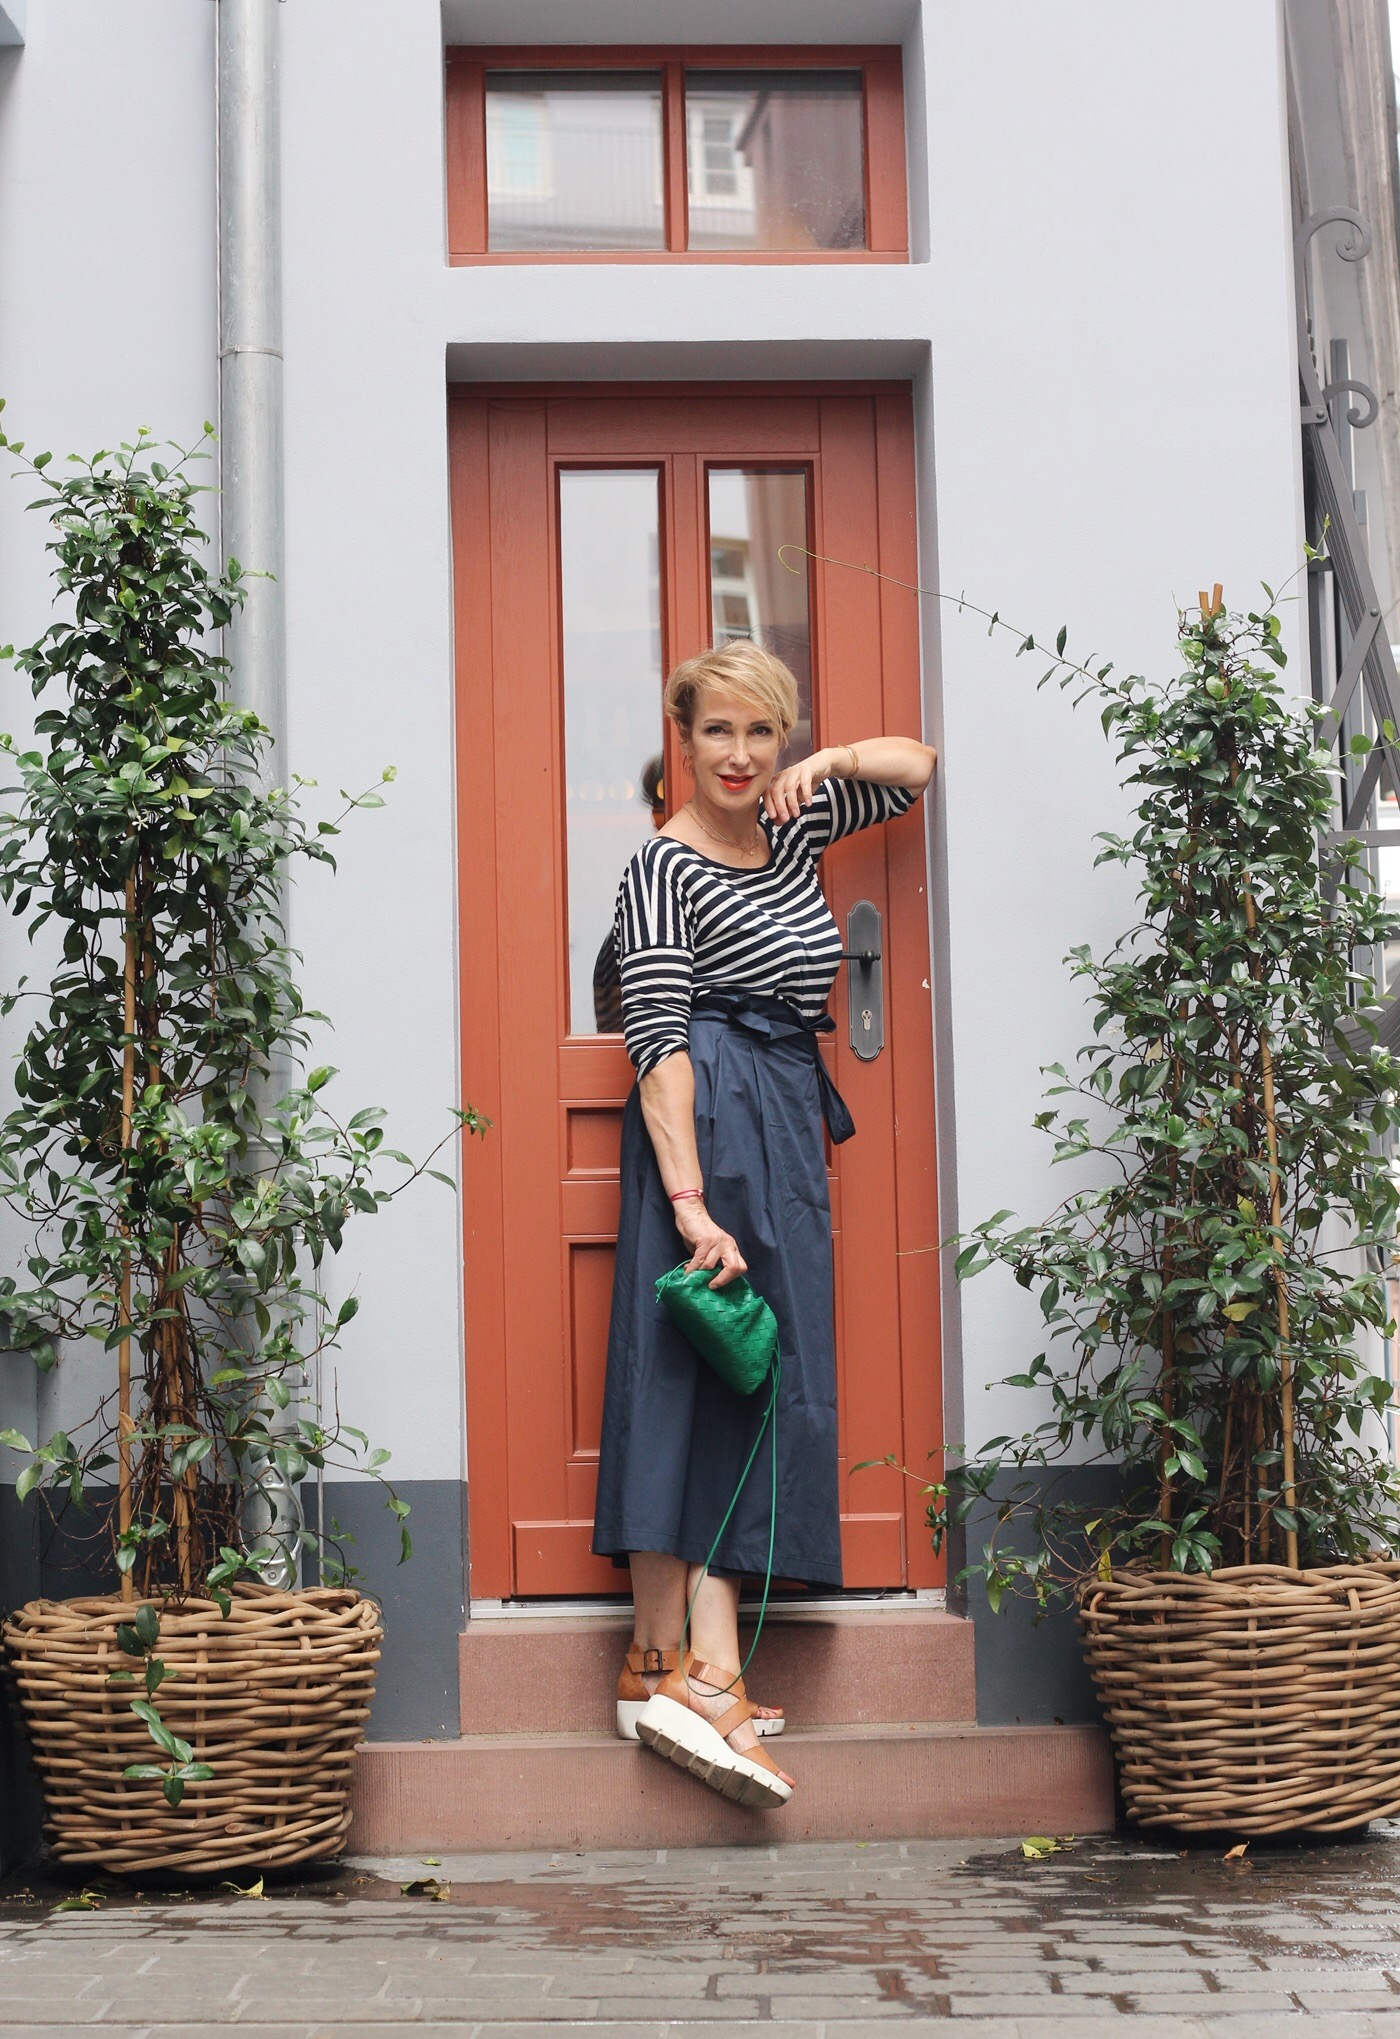 glamupyourlifestyle kaufverhalten Instagram ue-40-blog ue-50-blog ue-50-mode